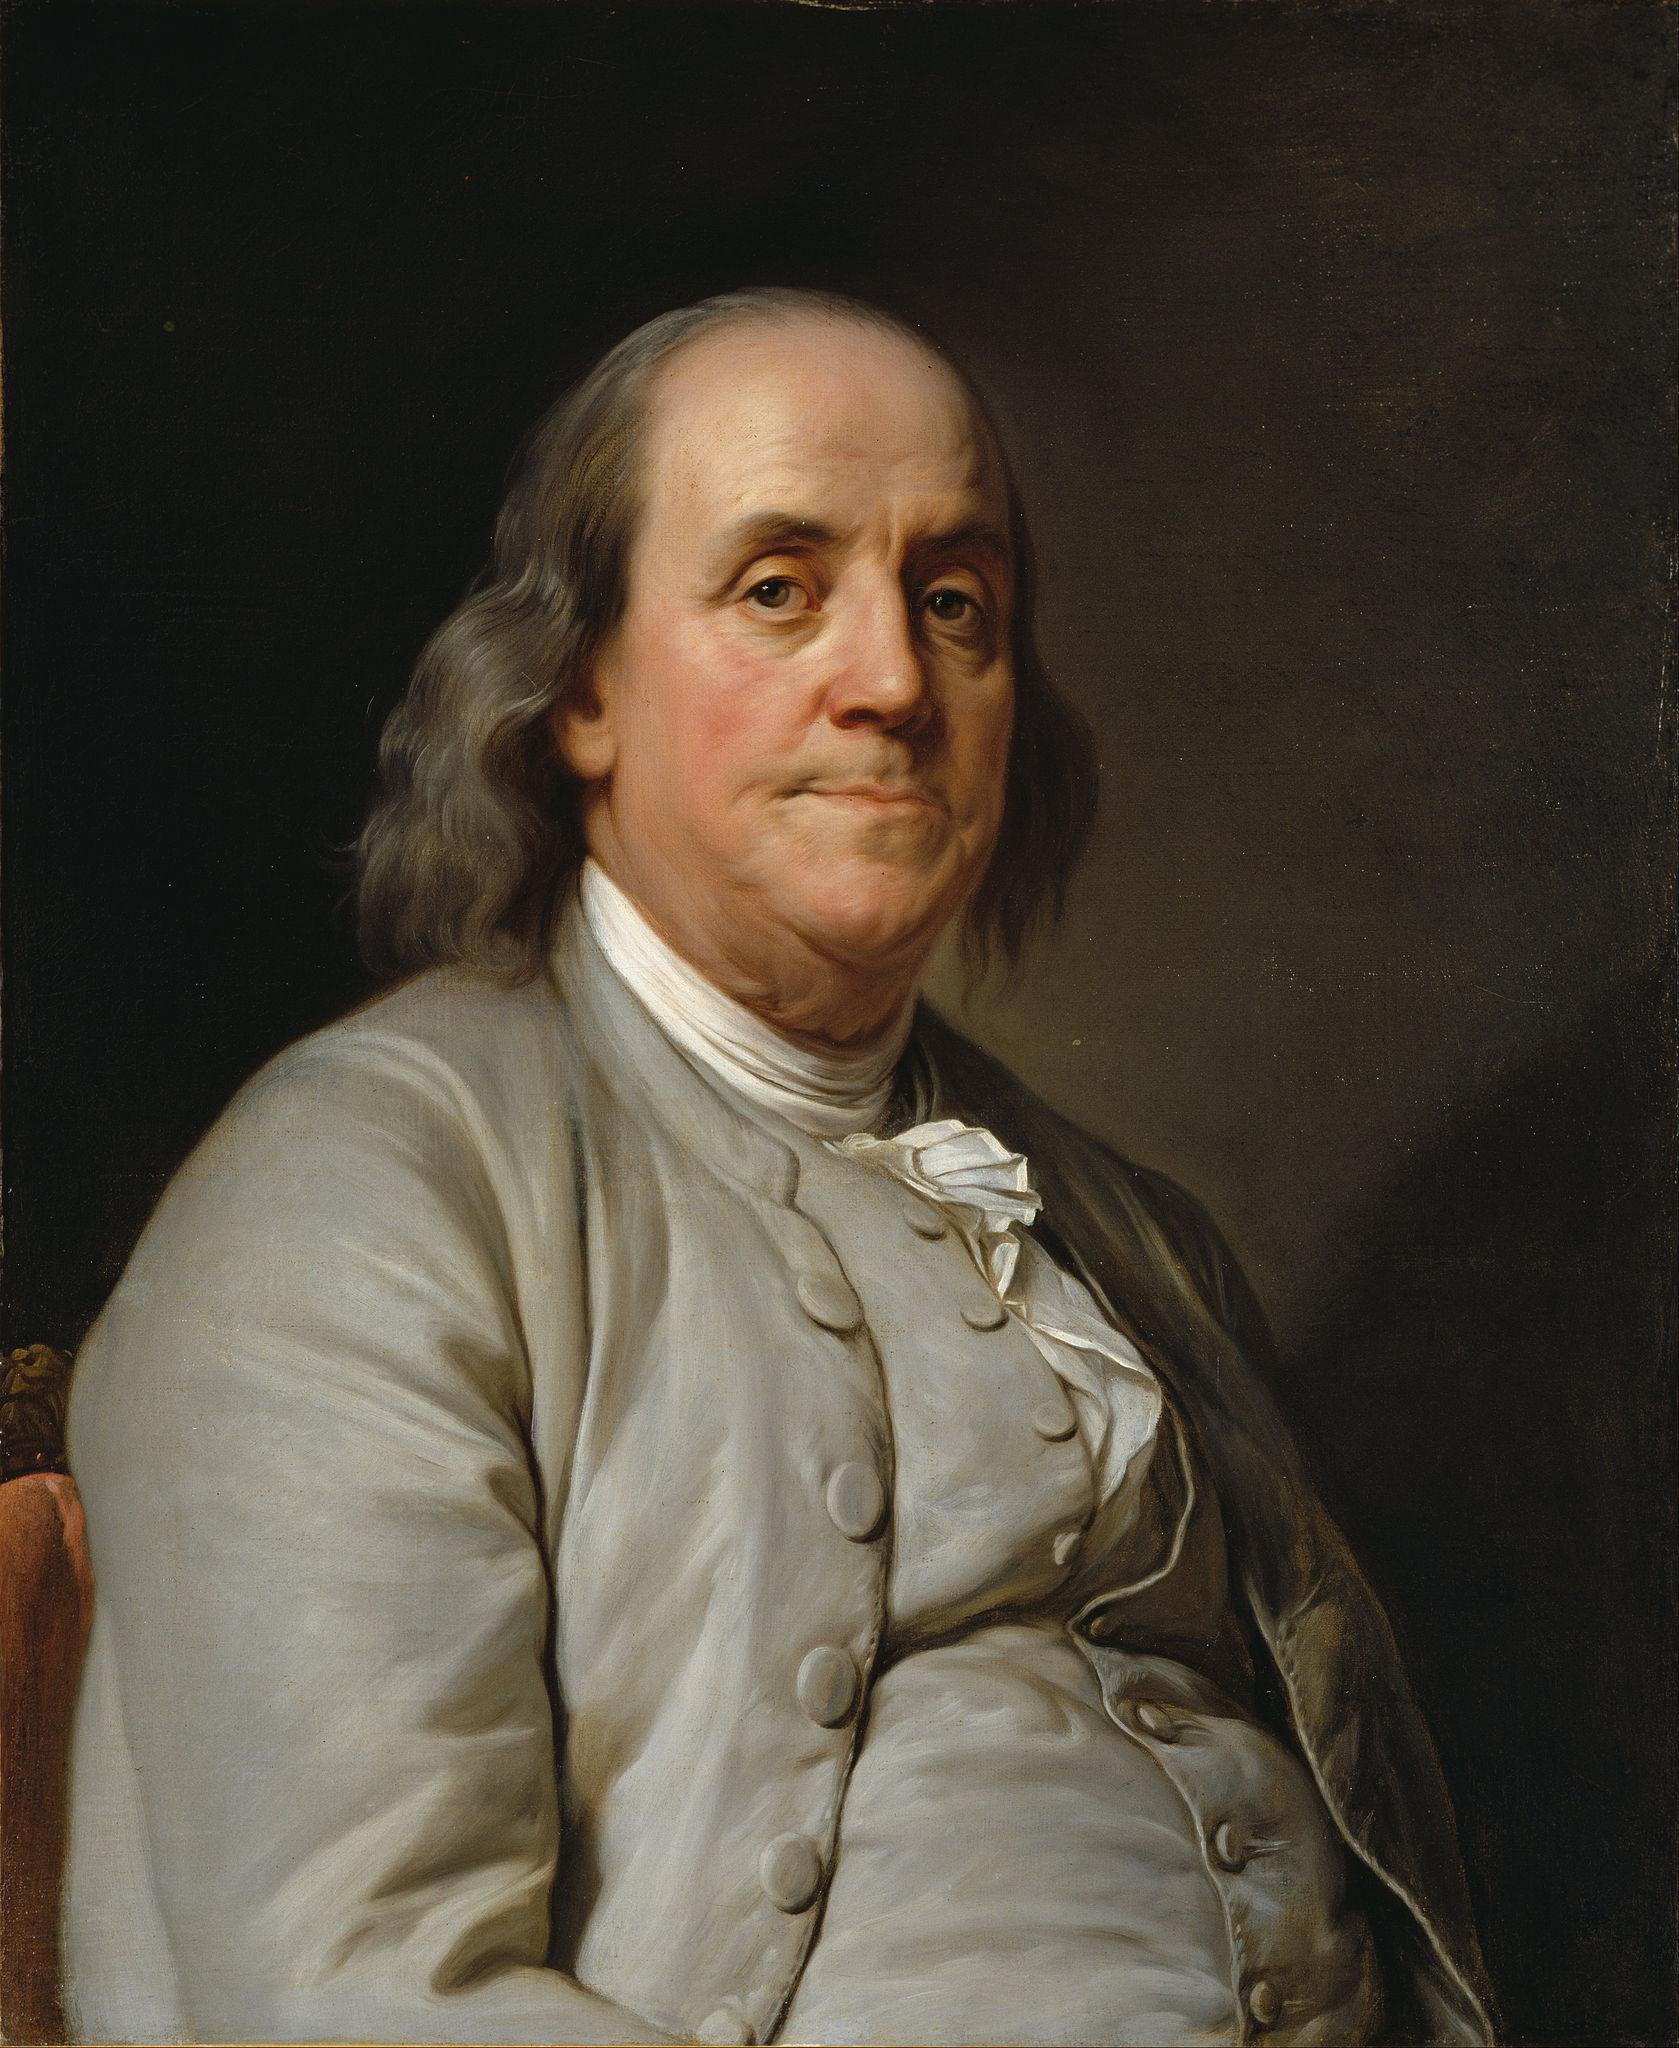 File:Real Ben Franklin.jpg